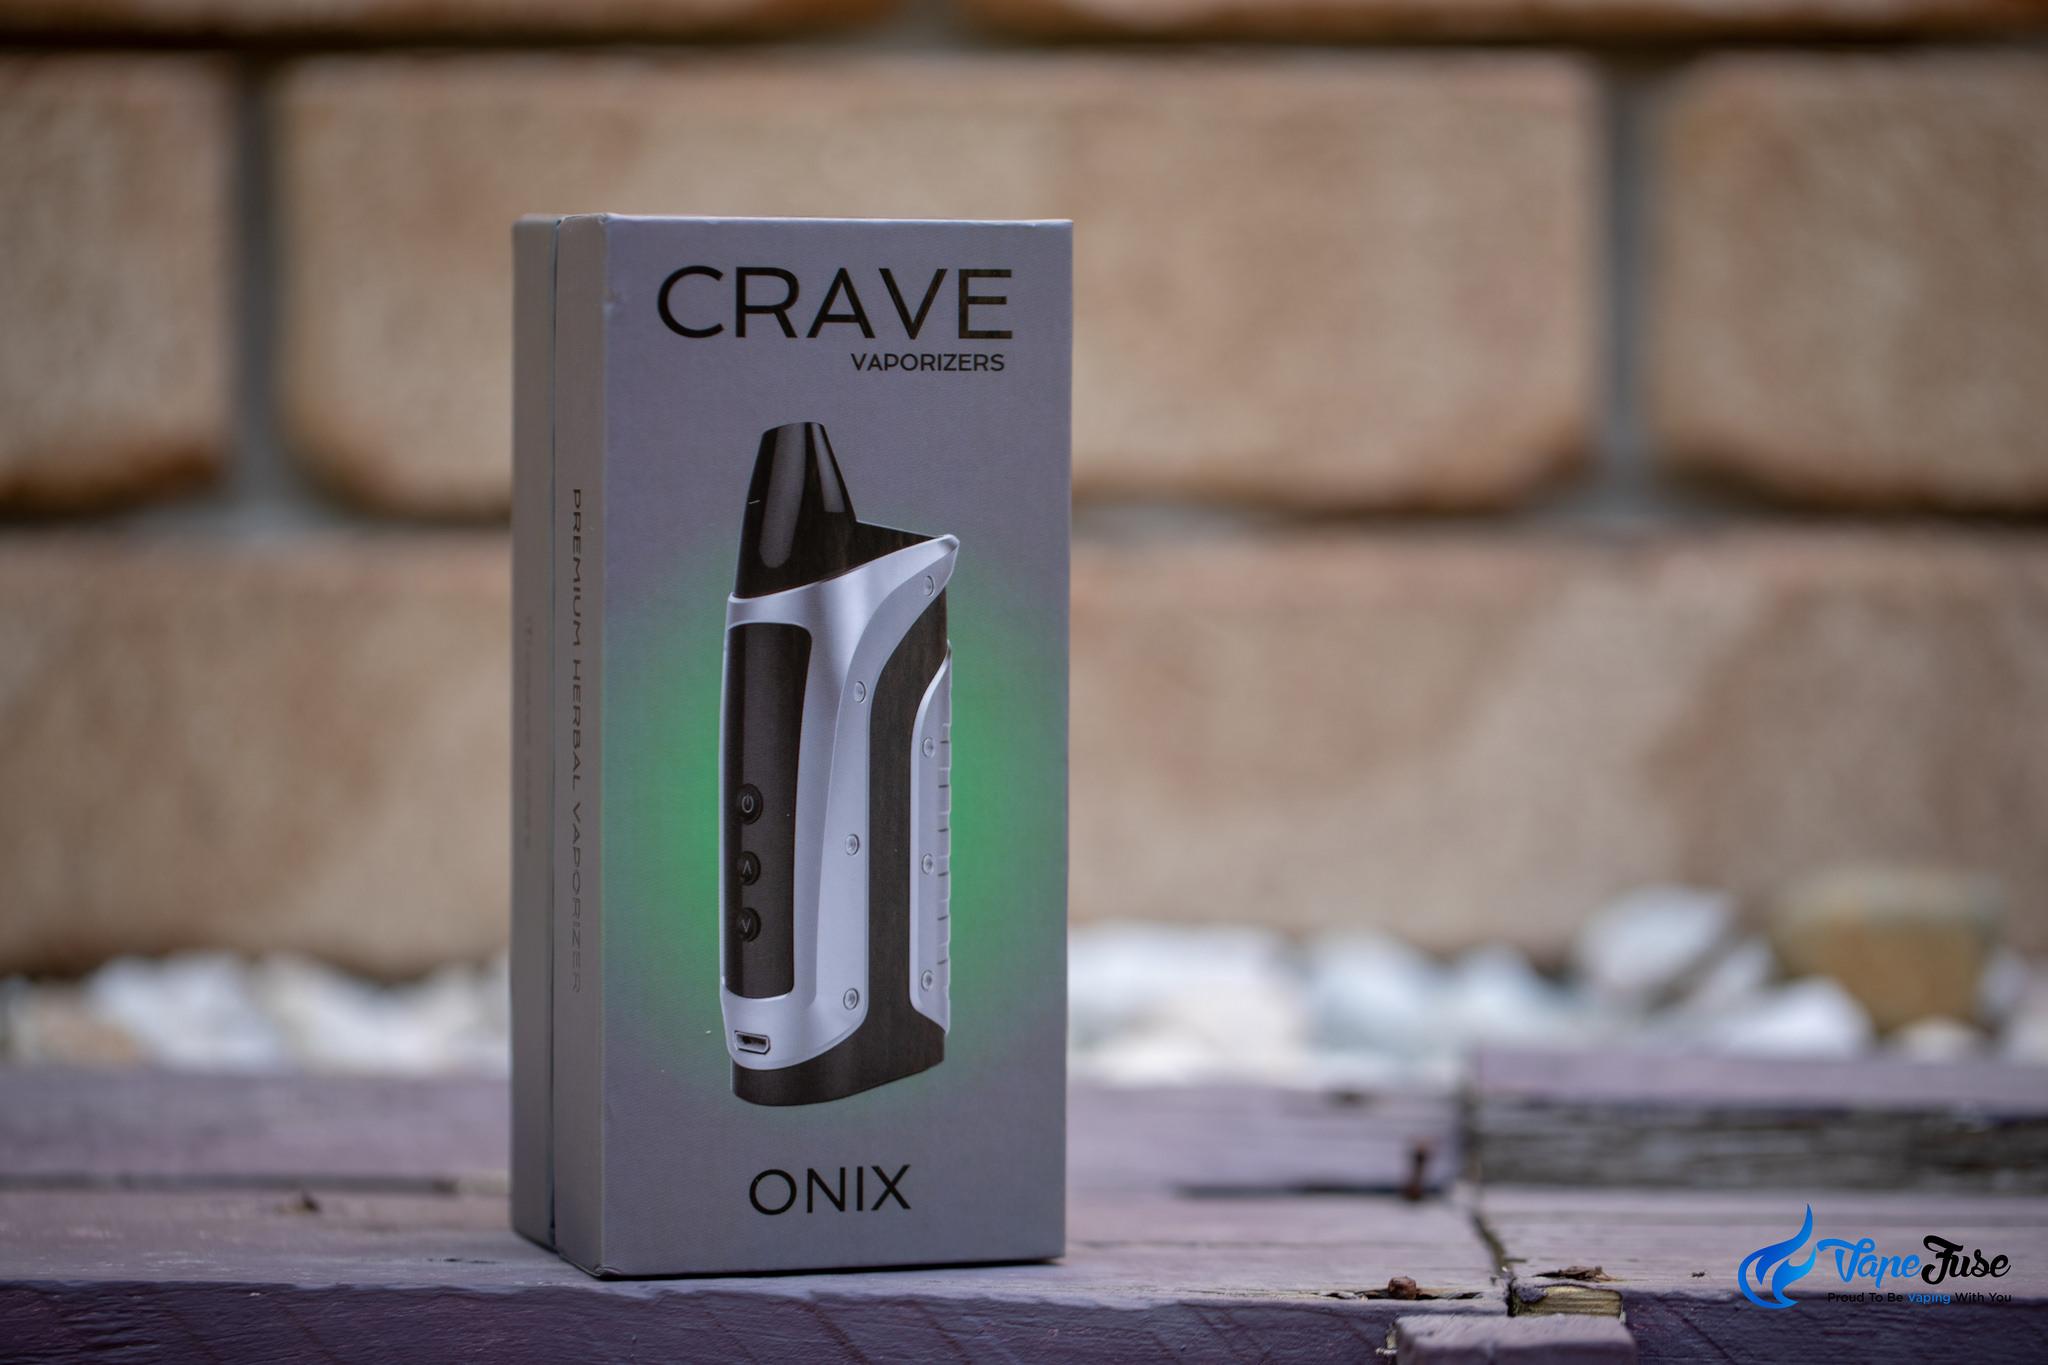 Crave Onix